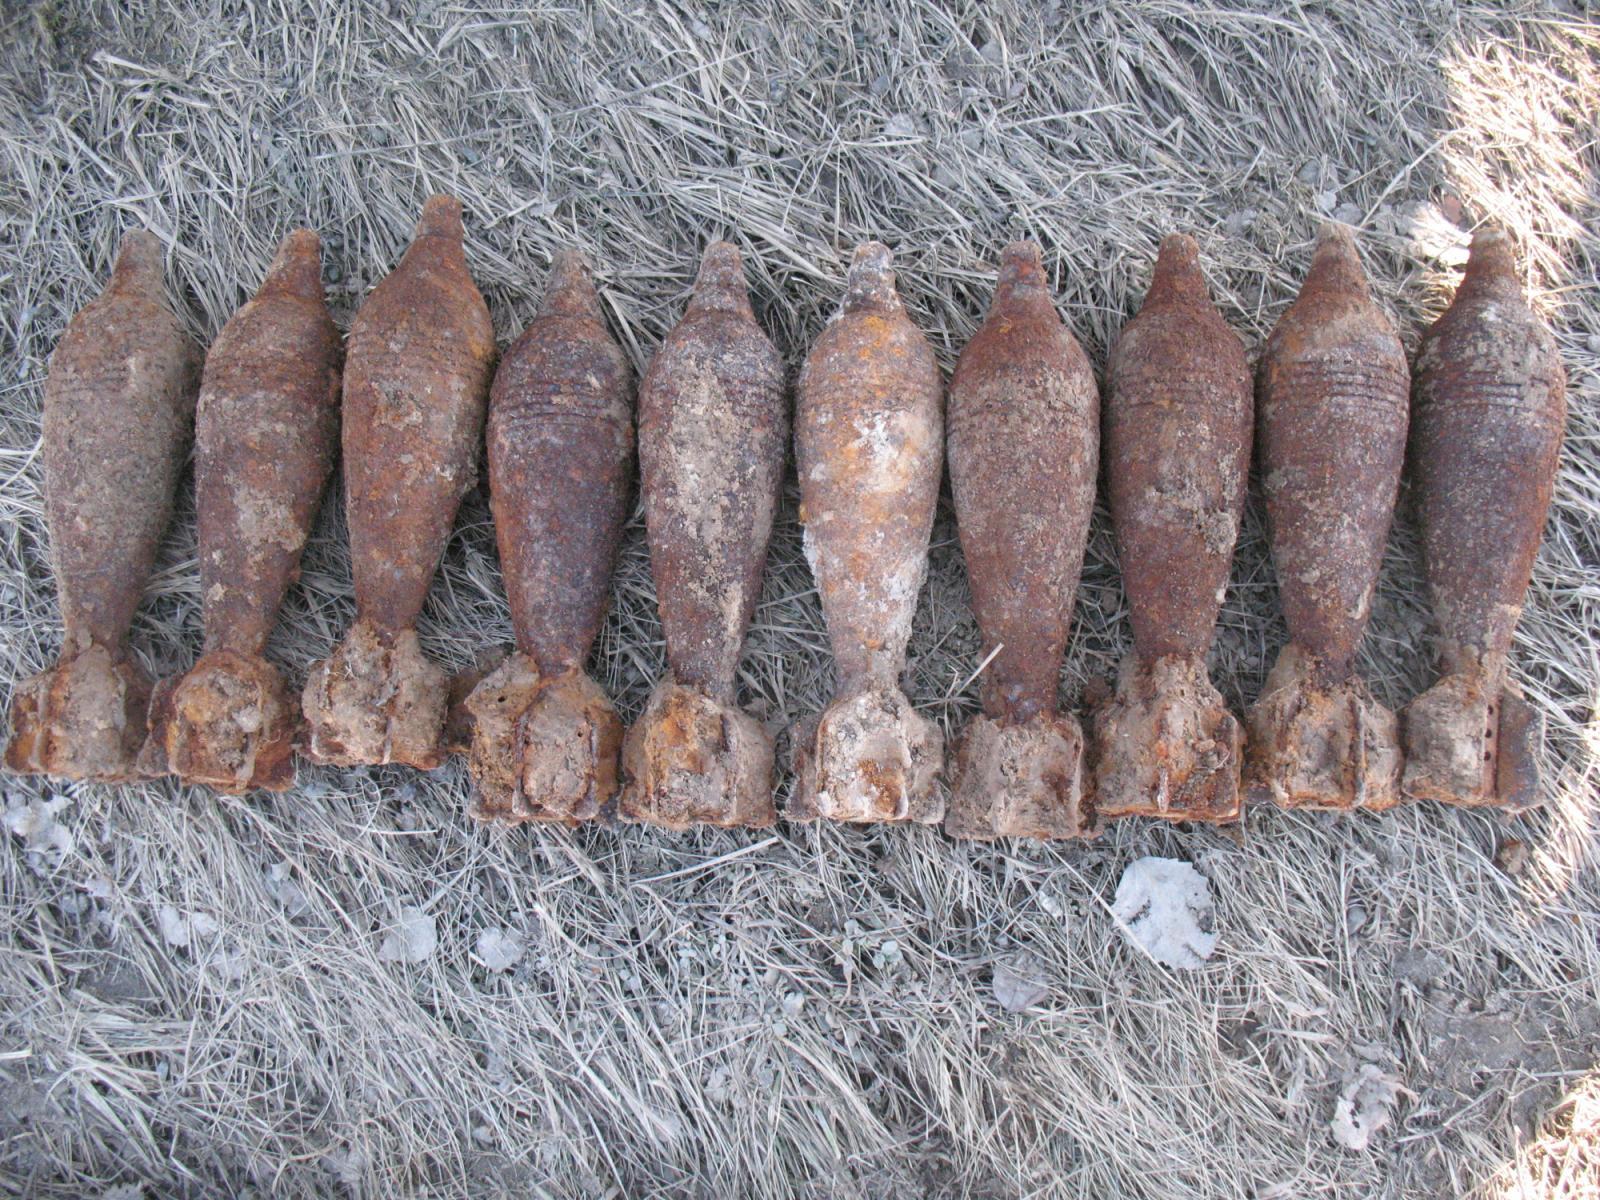 В Брасовском районе нашли 15 боеприпасов времен войны